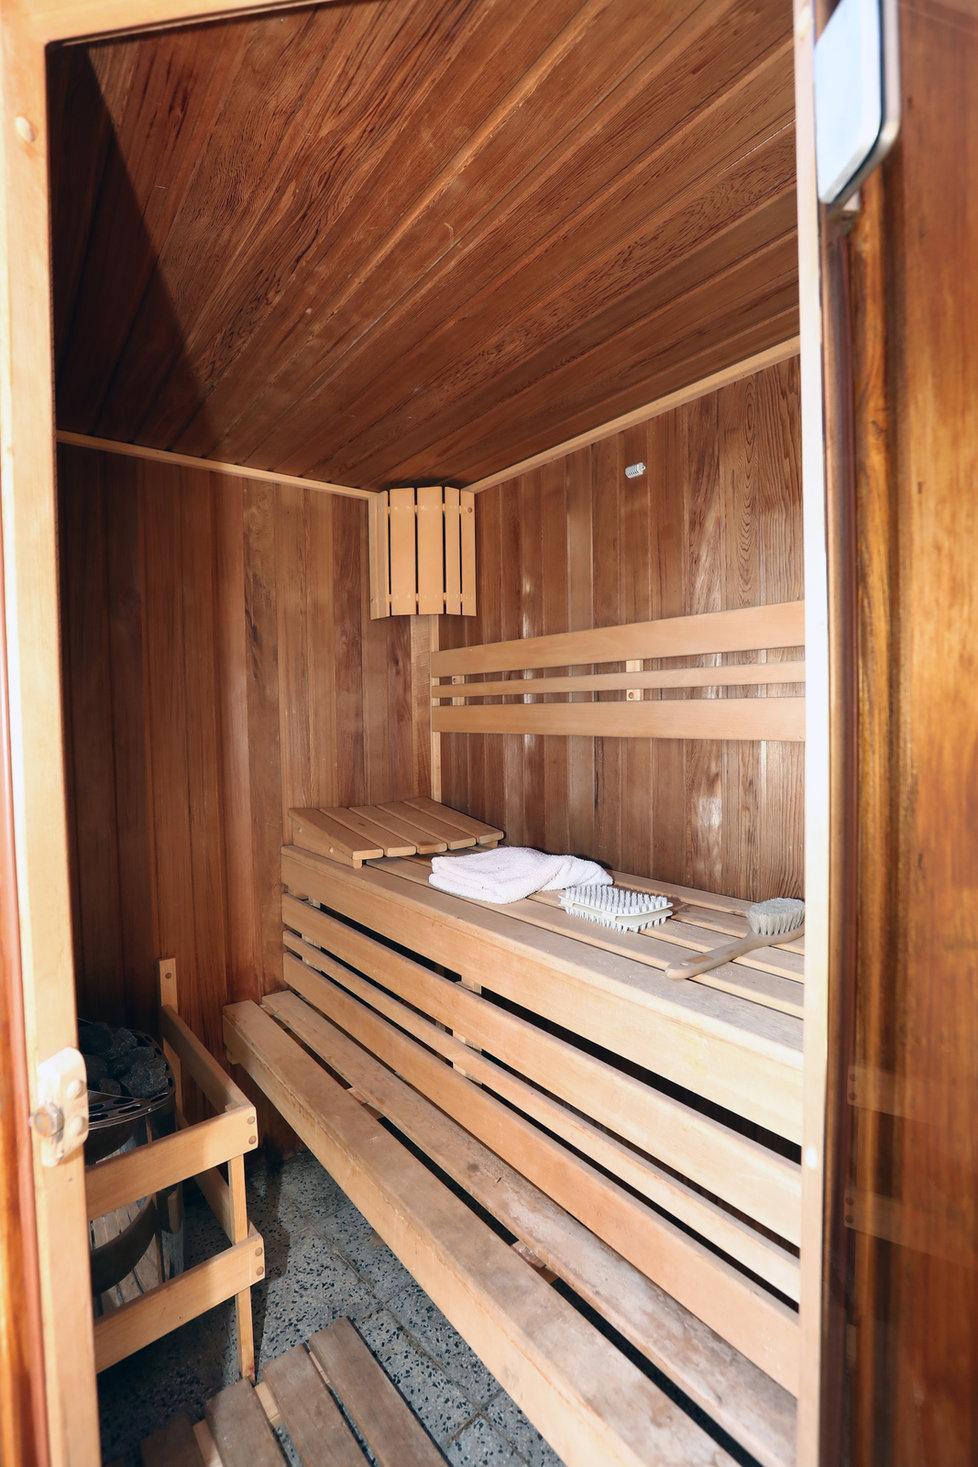 Byt Menzelových k prodeji: Součástí terasy je i sauna.